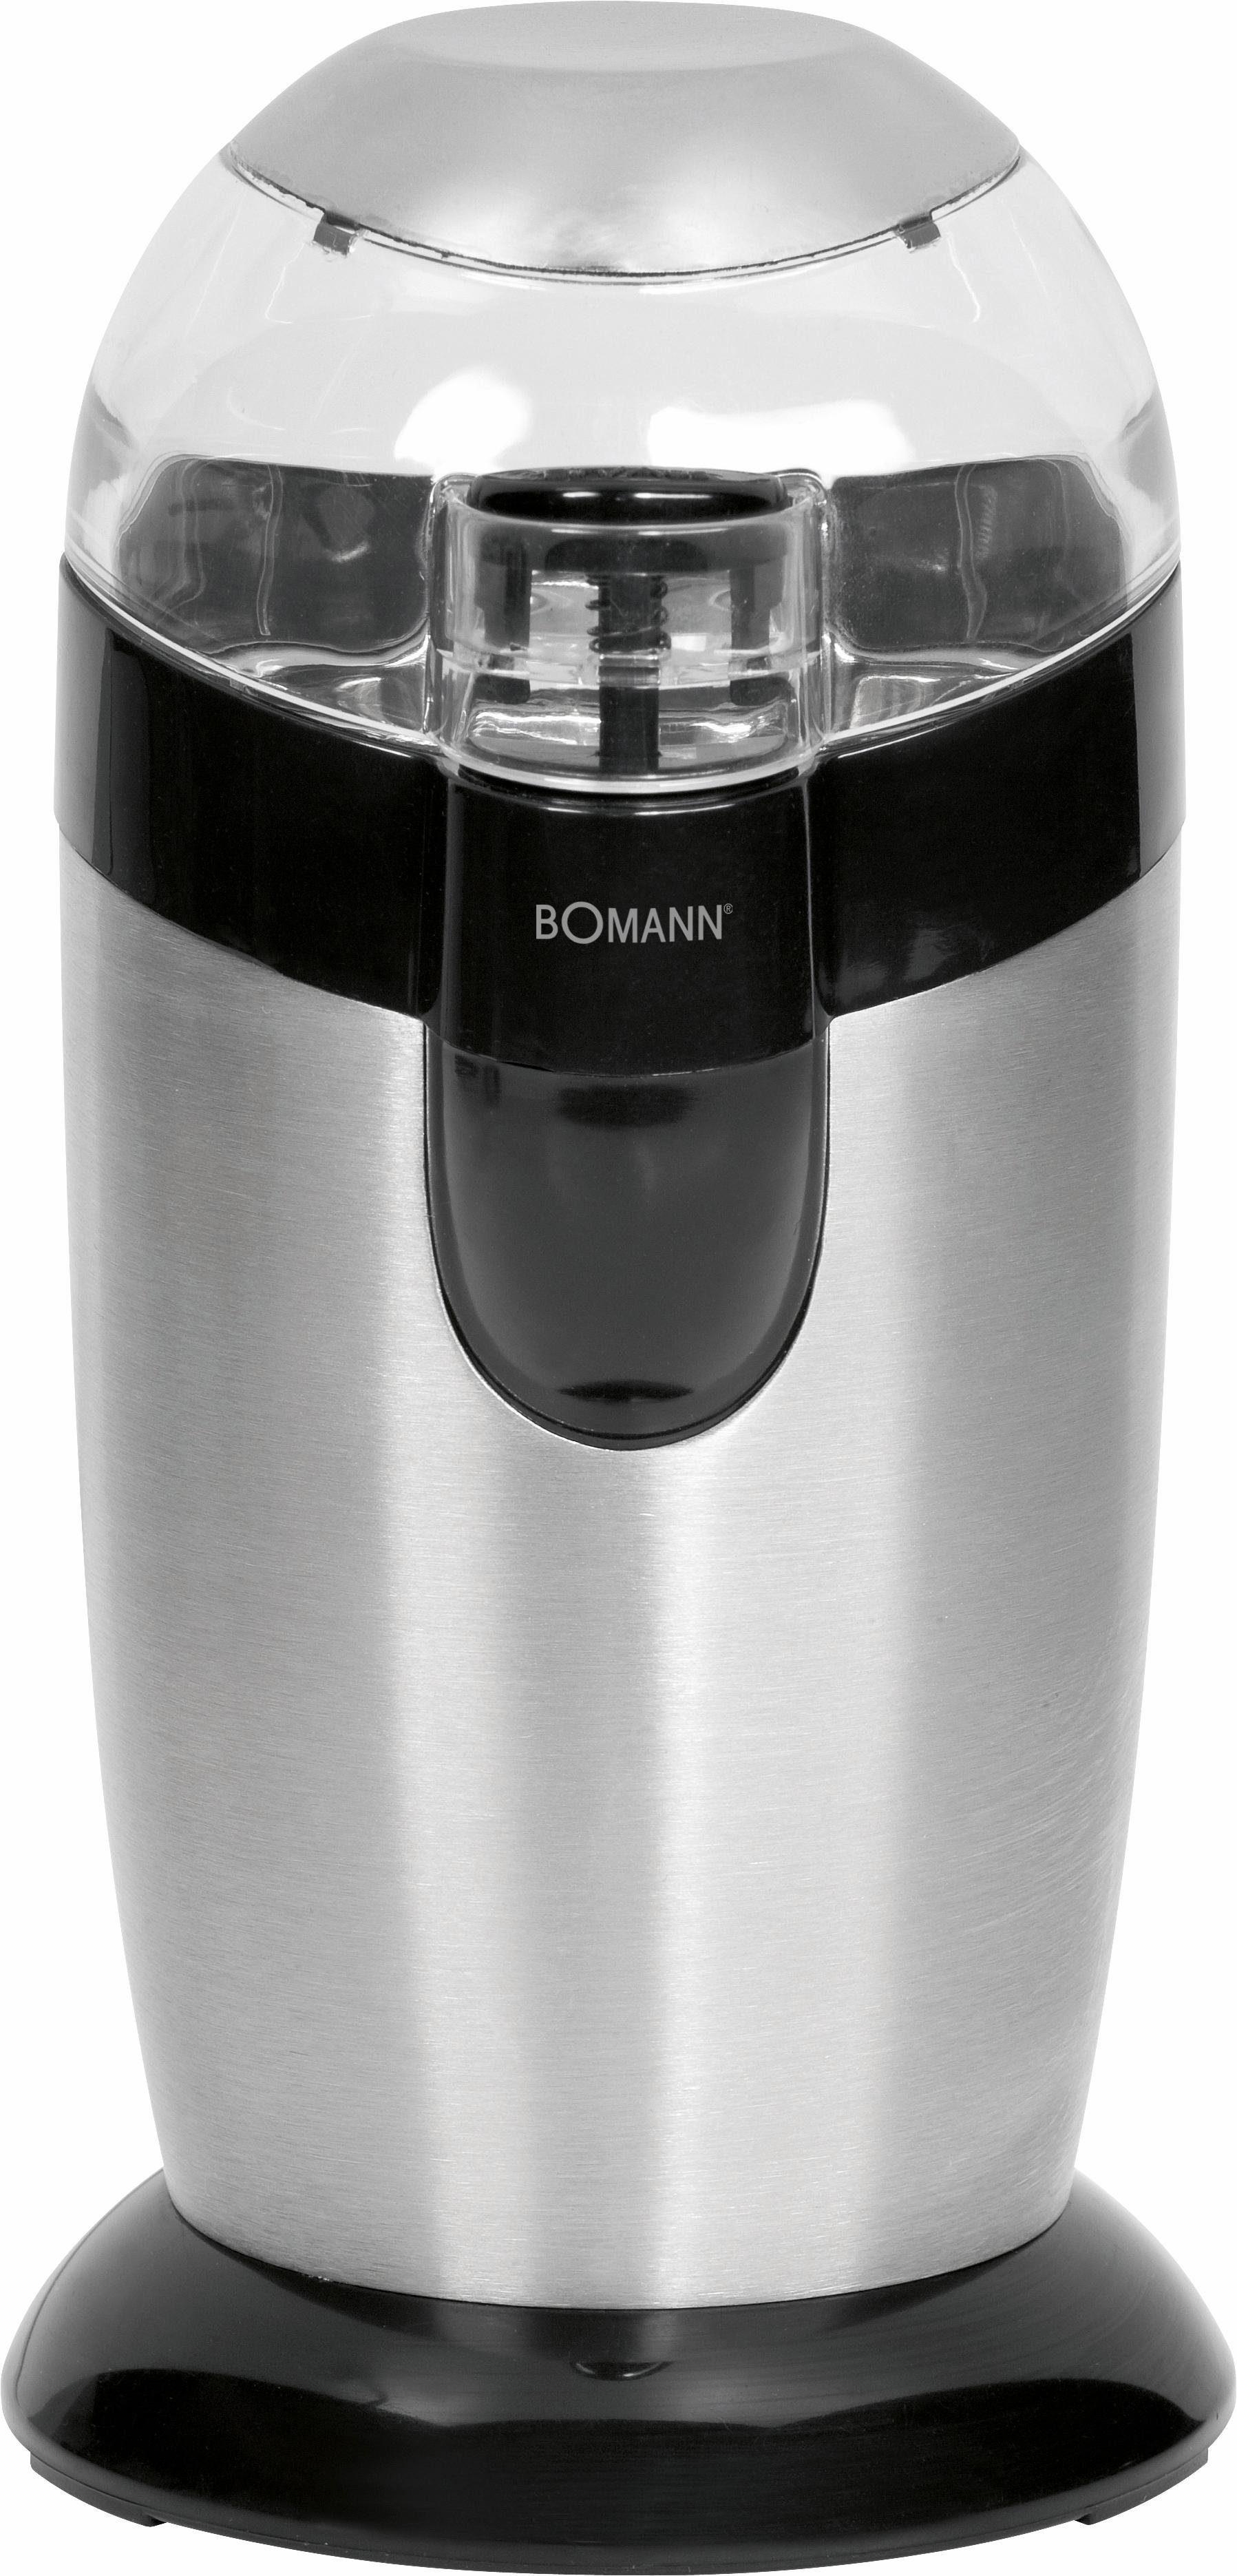 BOMANN Kaffeemühle KSW 445 CB, 120 W, Schlagmahlwerk, 40 g Bohnenbehälter, mit Edelstahlmesser